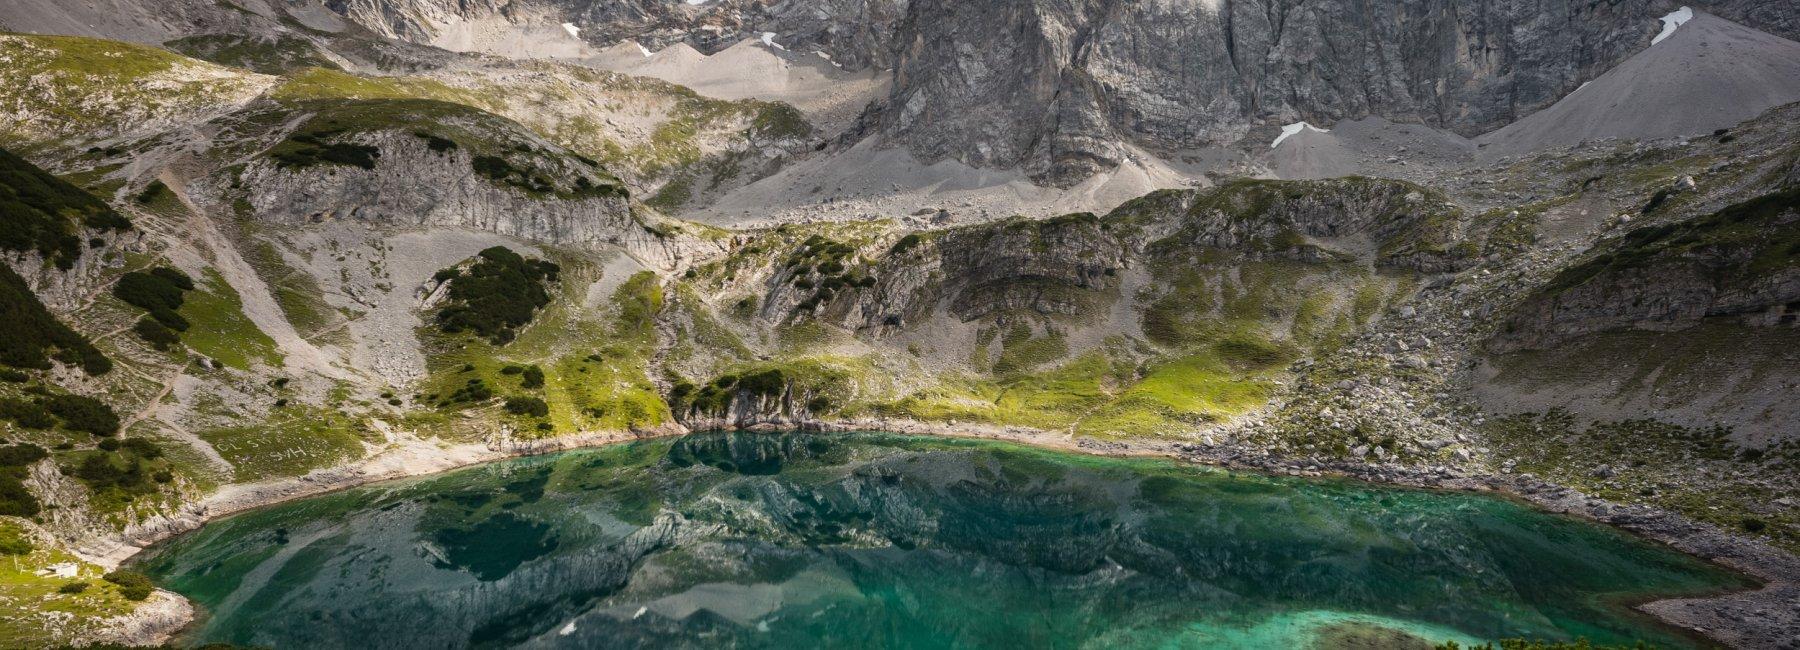 Aktivurlaub Angebote und Pauschalen Ehrwald - bergfex